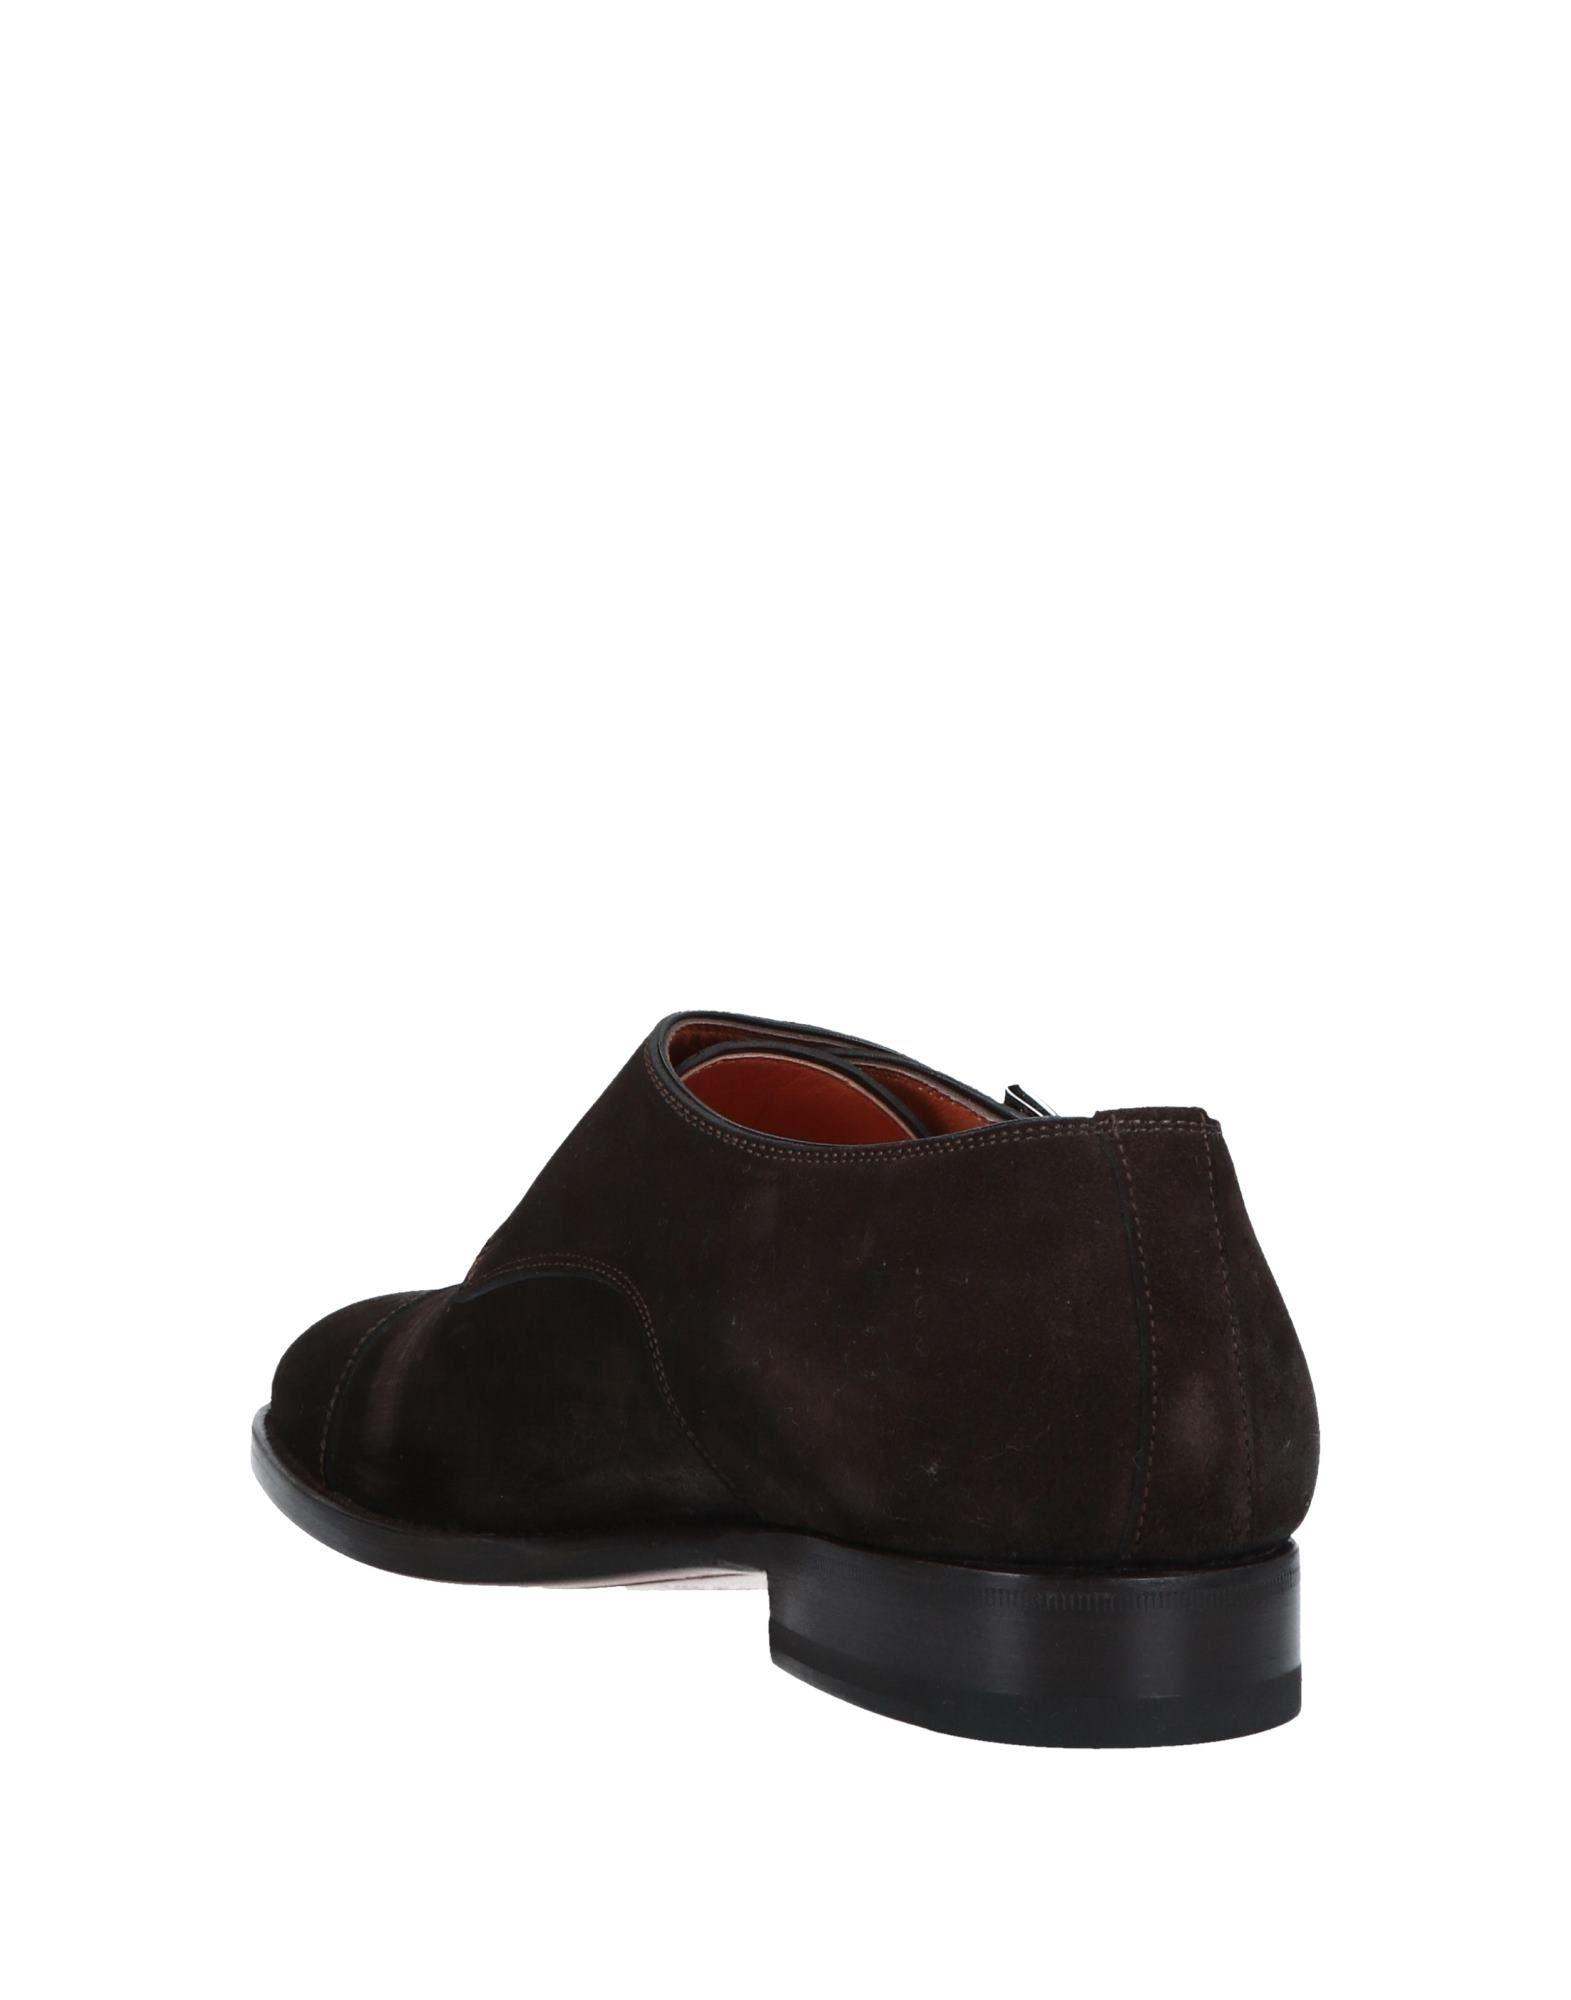 2cd75bab50f Lyst - Santoni Loafer in Brown for Men